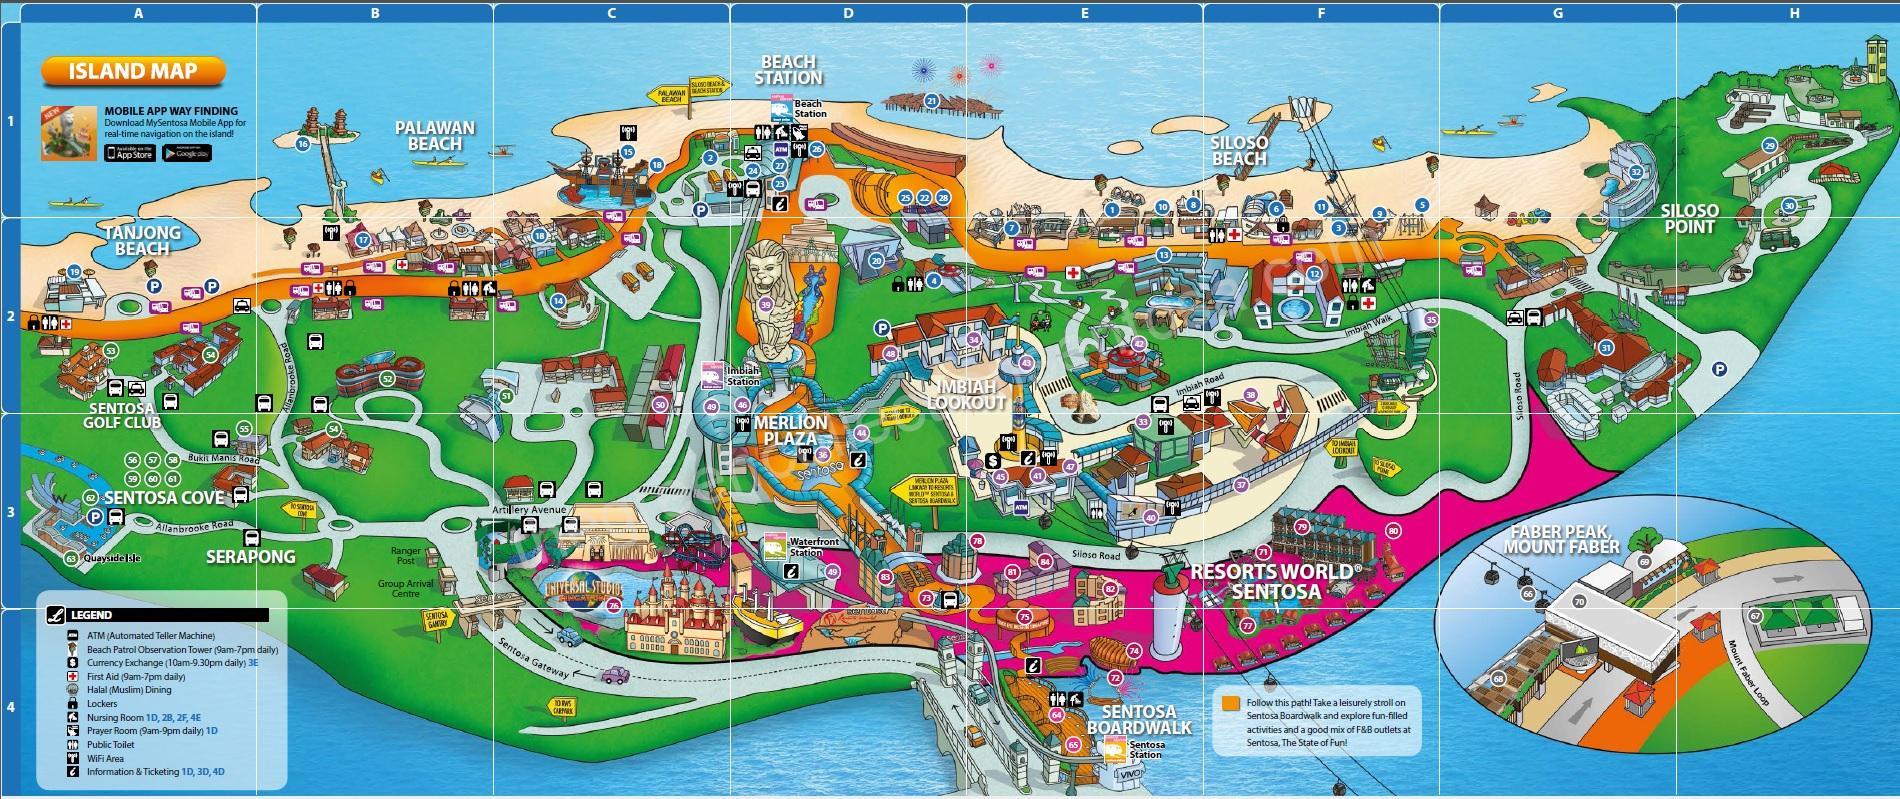 карта Сентозы